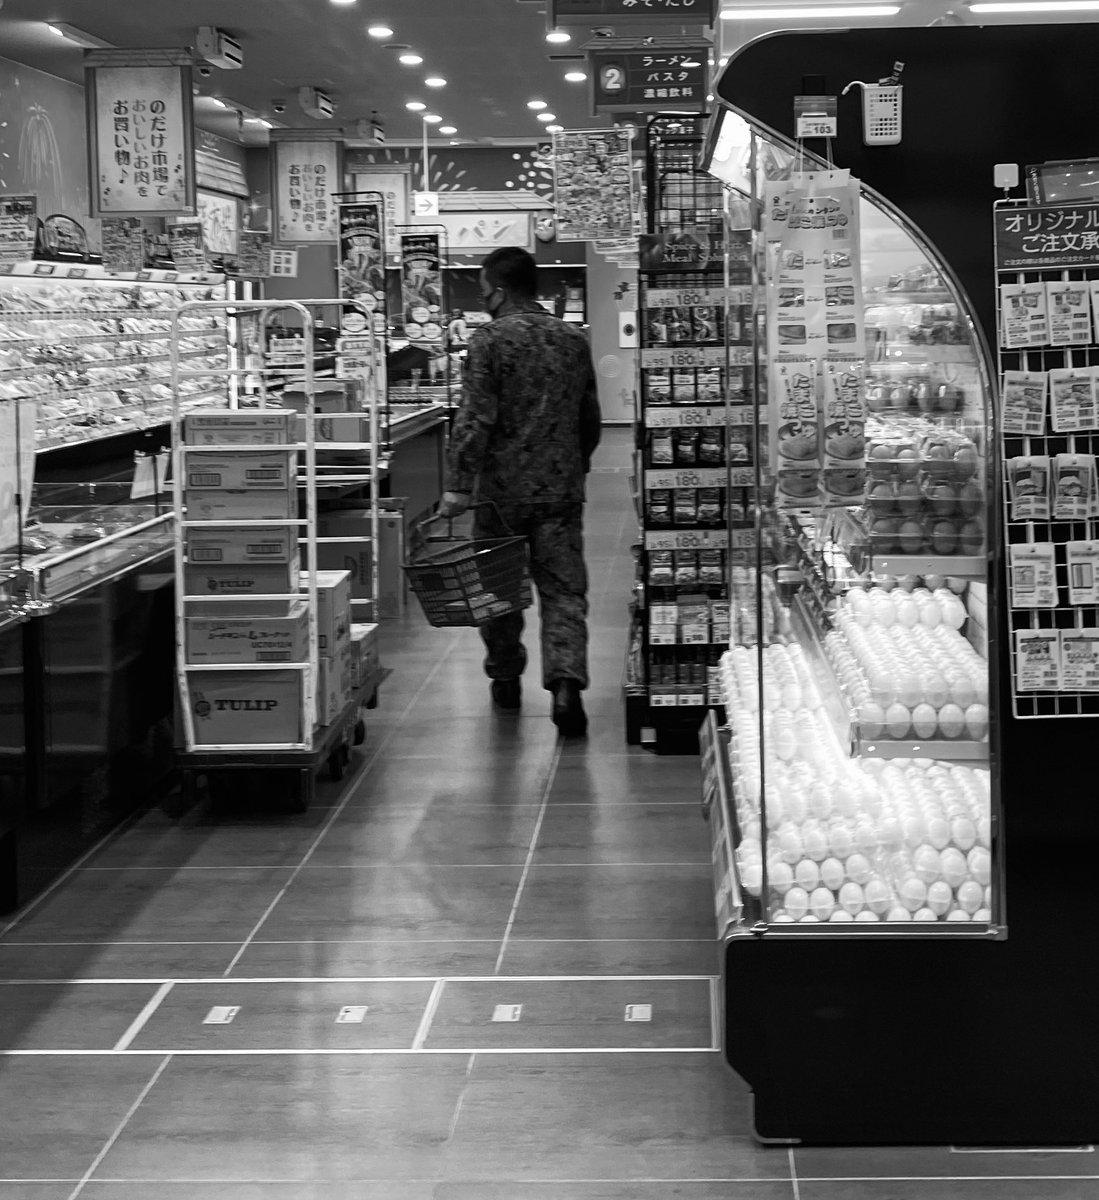 迷彩服ごとき 連中 那覇 迷彩服 仁に関連した画像-02